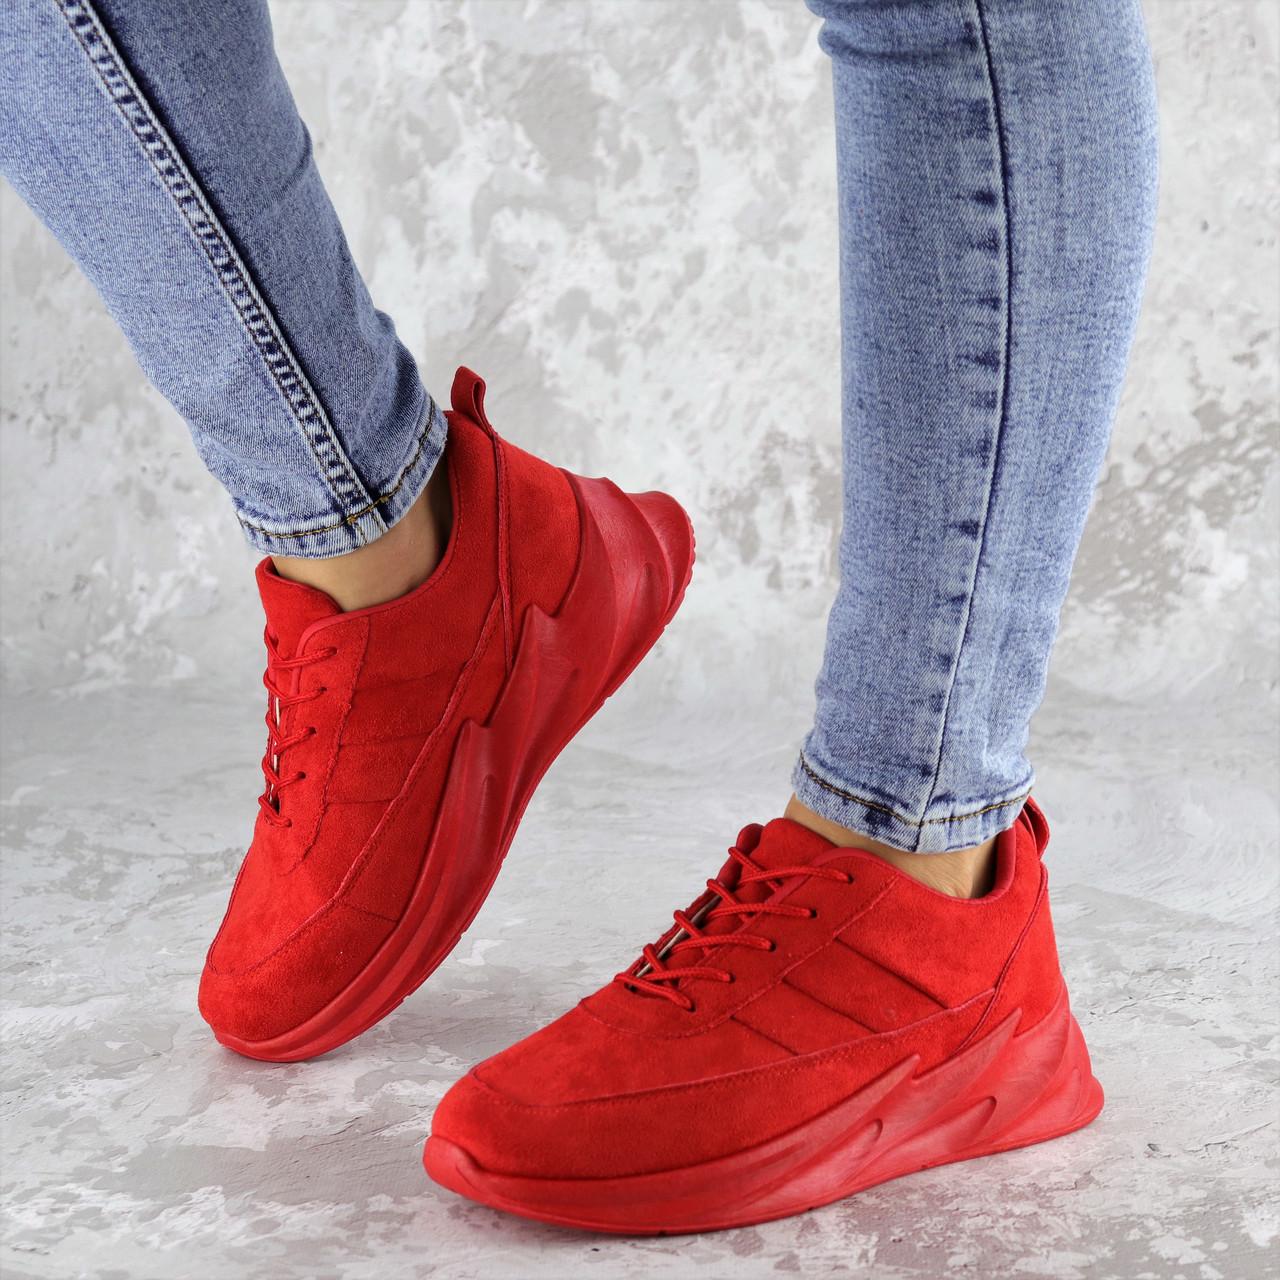 Кроссовки женские Fashion Robby 2148 36 размер 23 см Красный